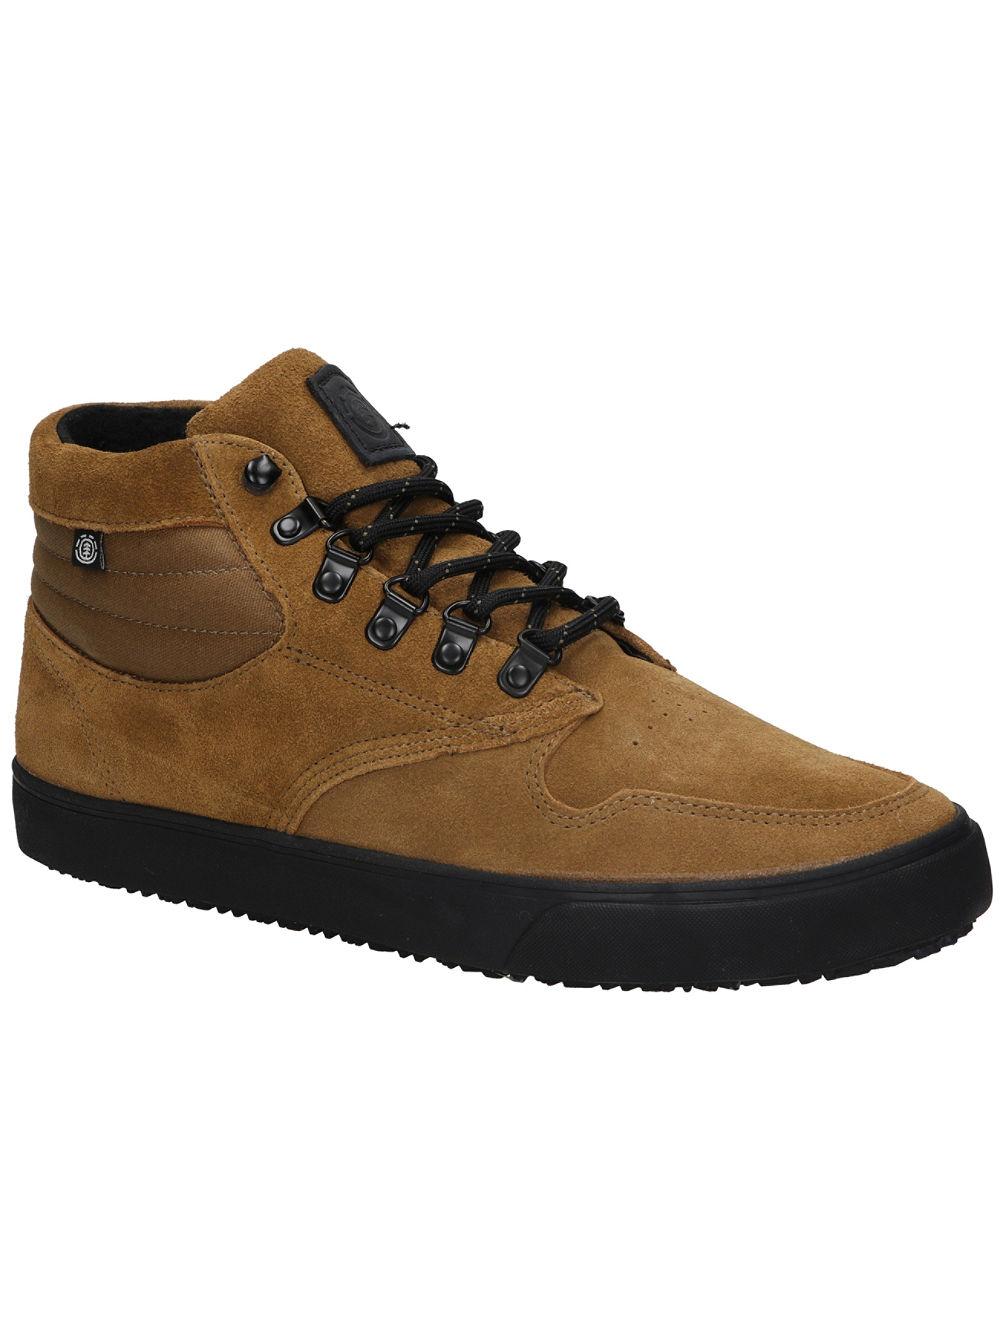 c8670d0e70b6 Buy Element Topaz C3 Mid Shoes online at Blue Tomato